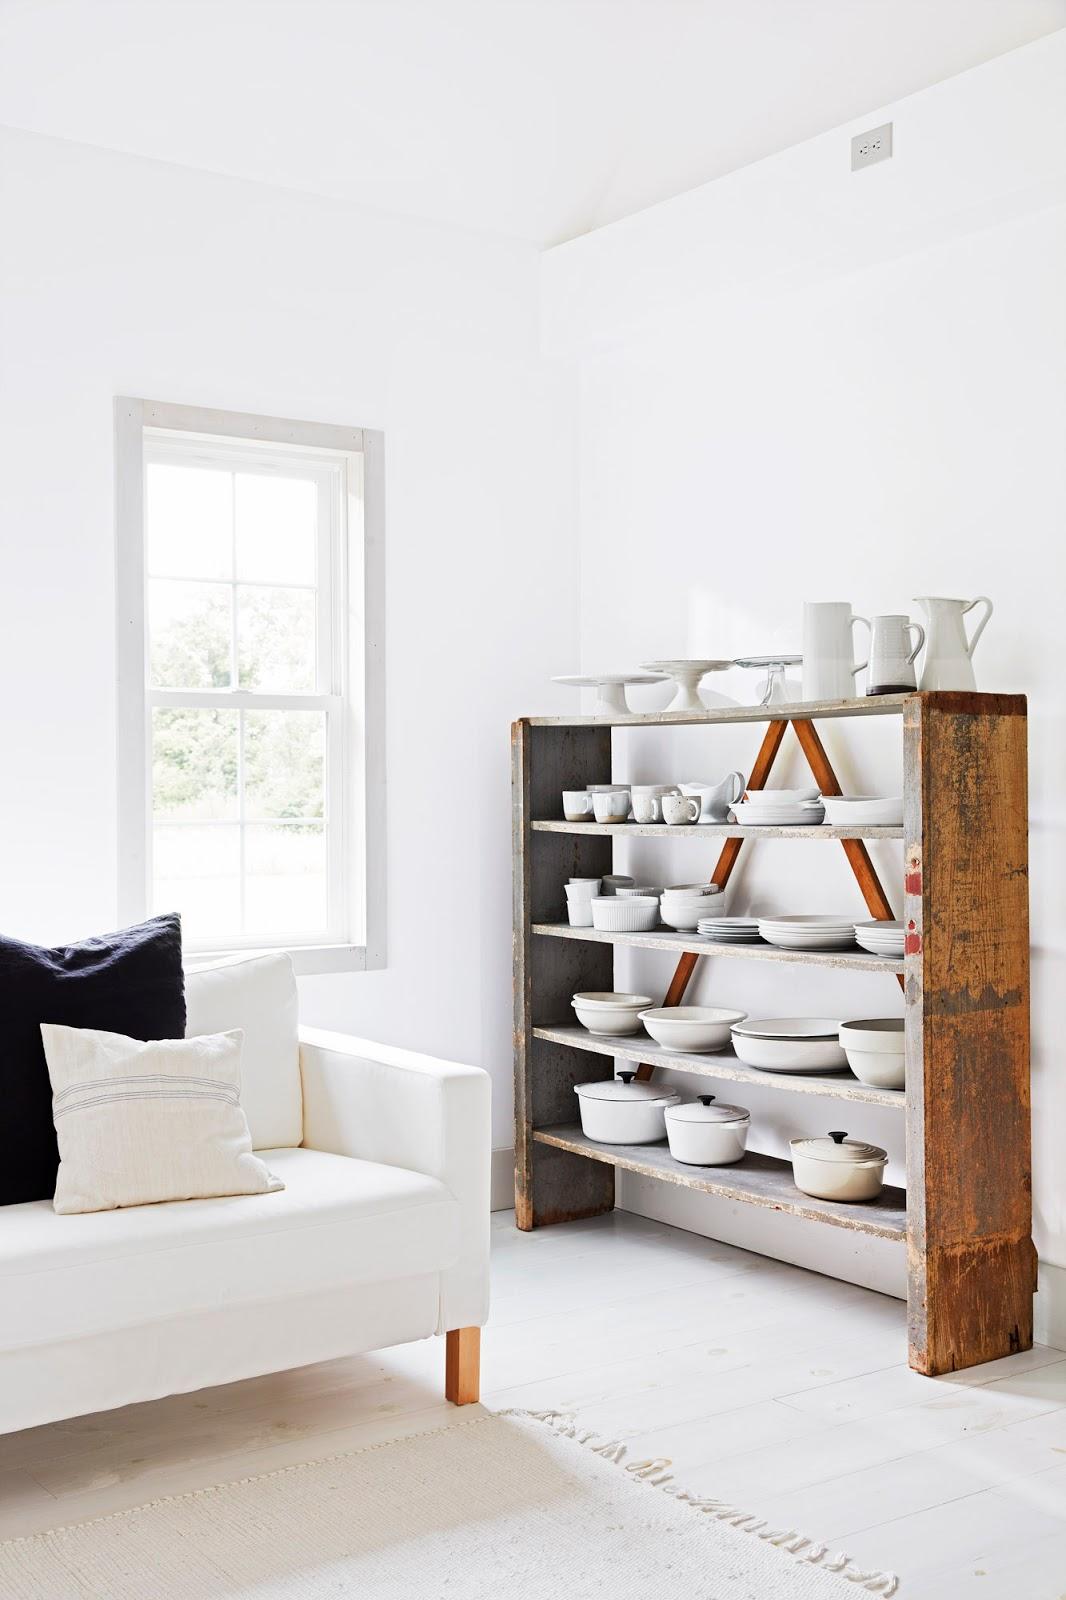 Noix de d co blog d co design inspirant pour la maison une maison minimaliste toute blanche Petite maison minimaliste